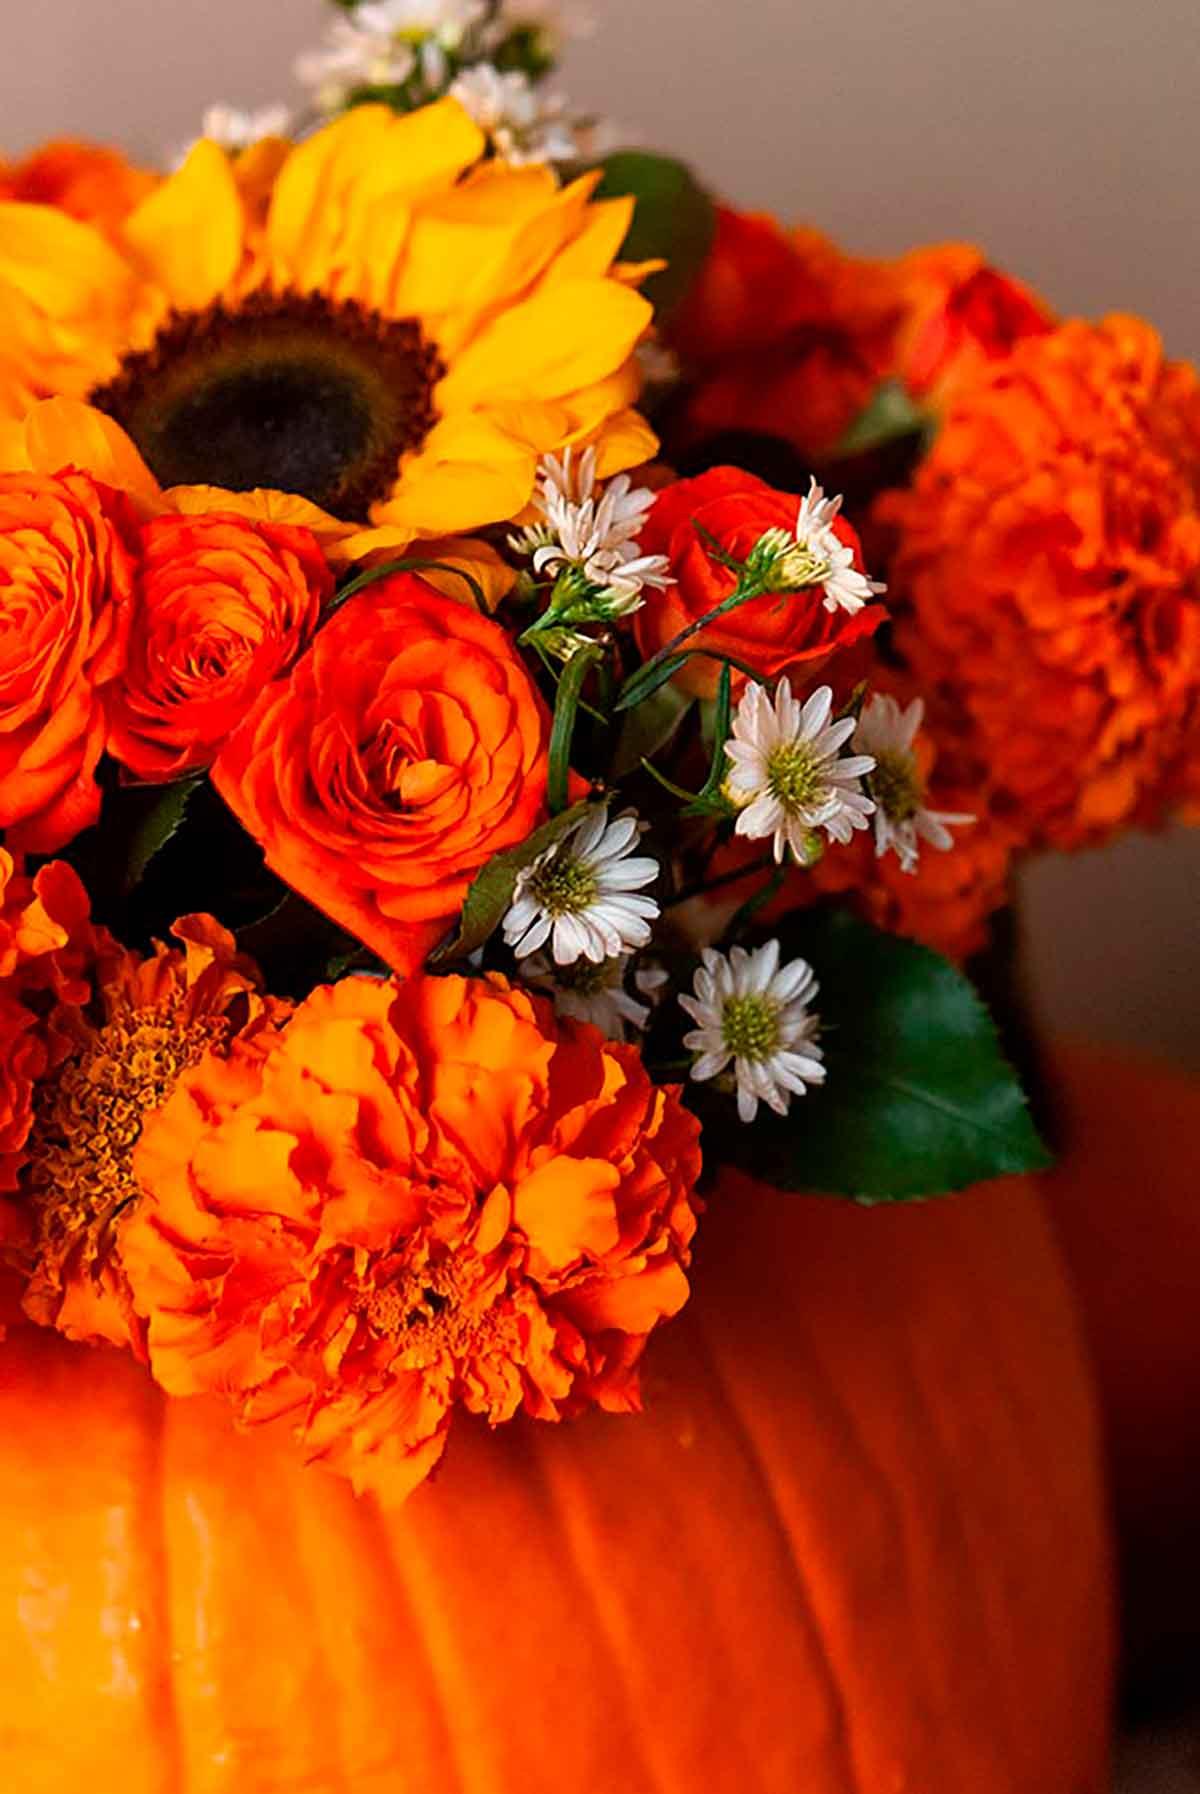 A bouquet of Autumn flowers in a pumpkin.